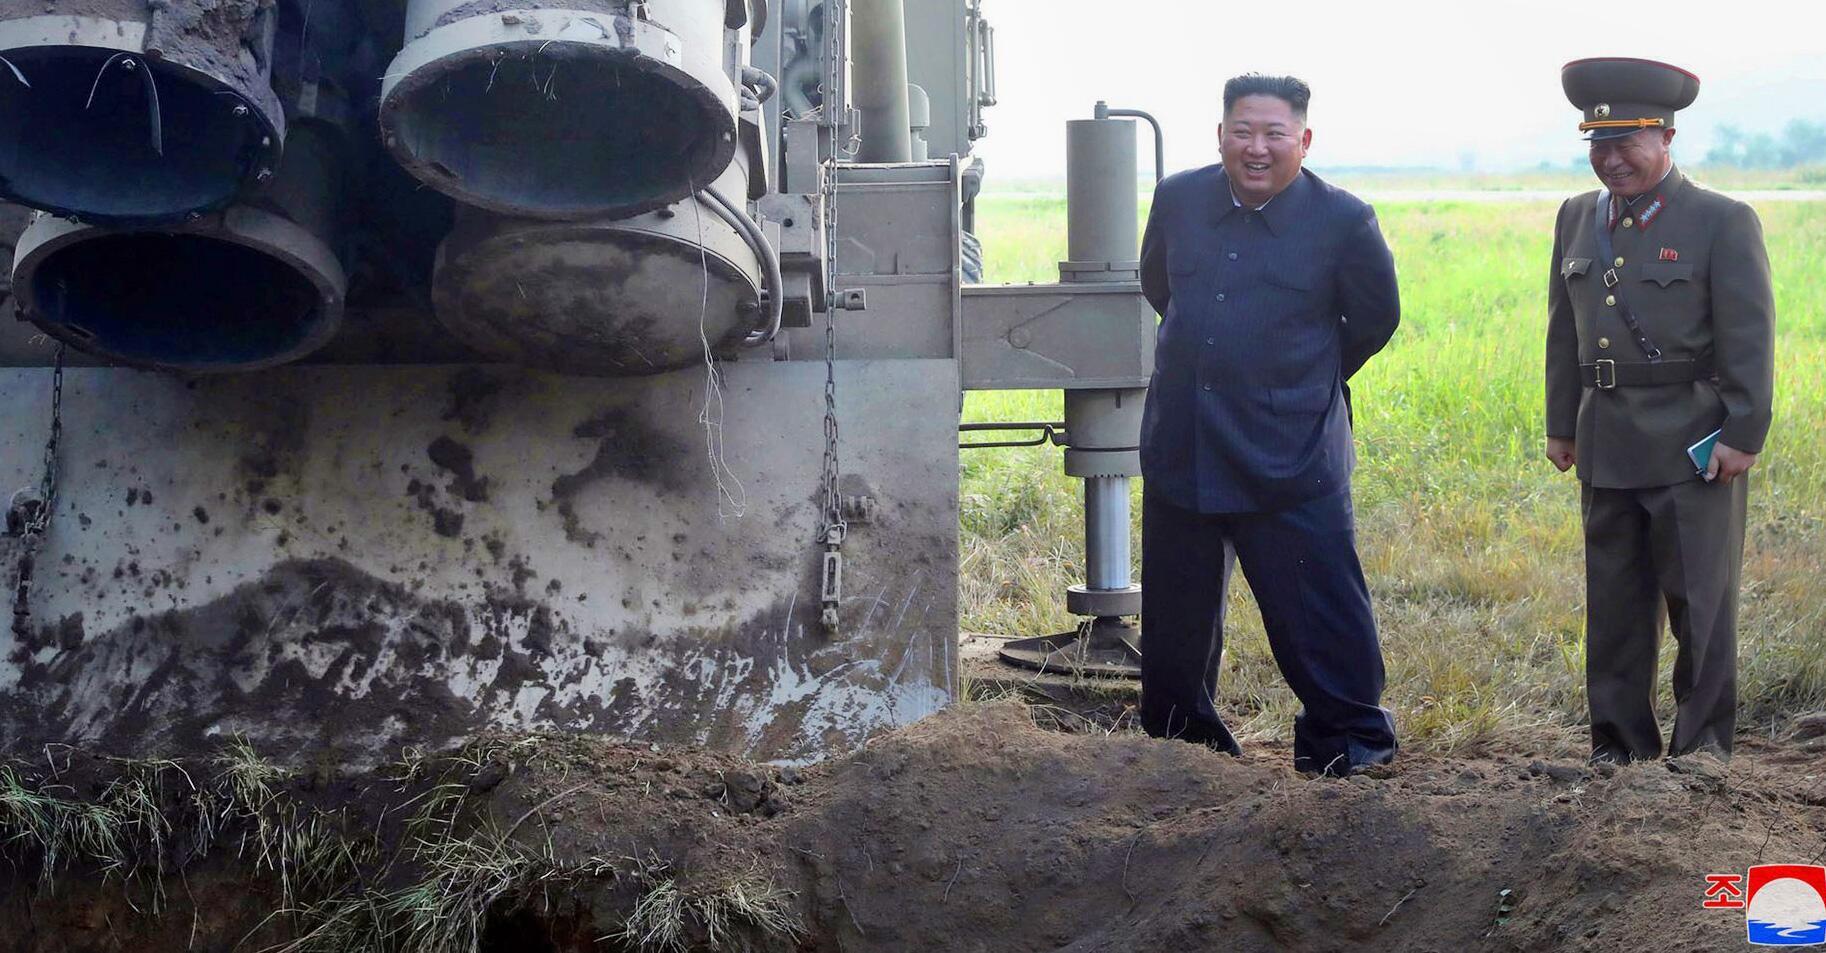 Bild zu Nordkorea - Nach dem Waffentest